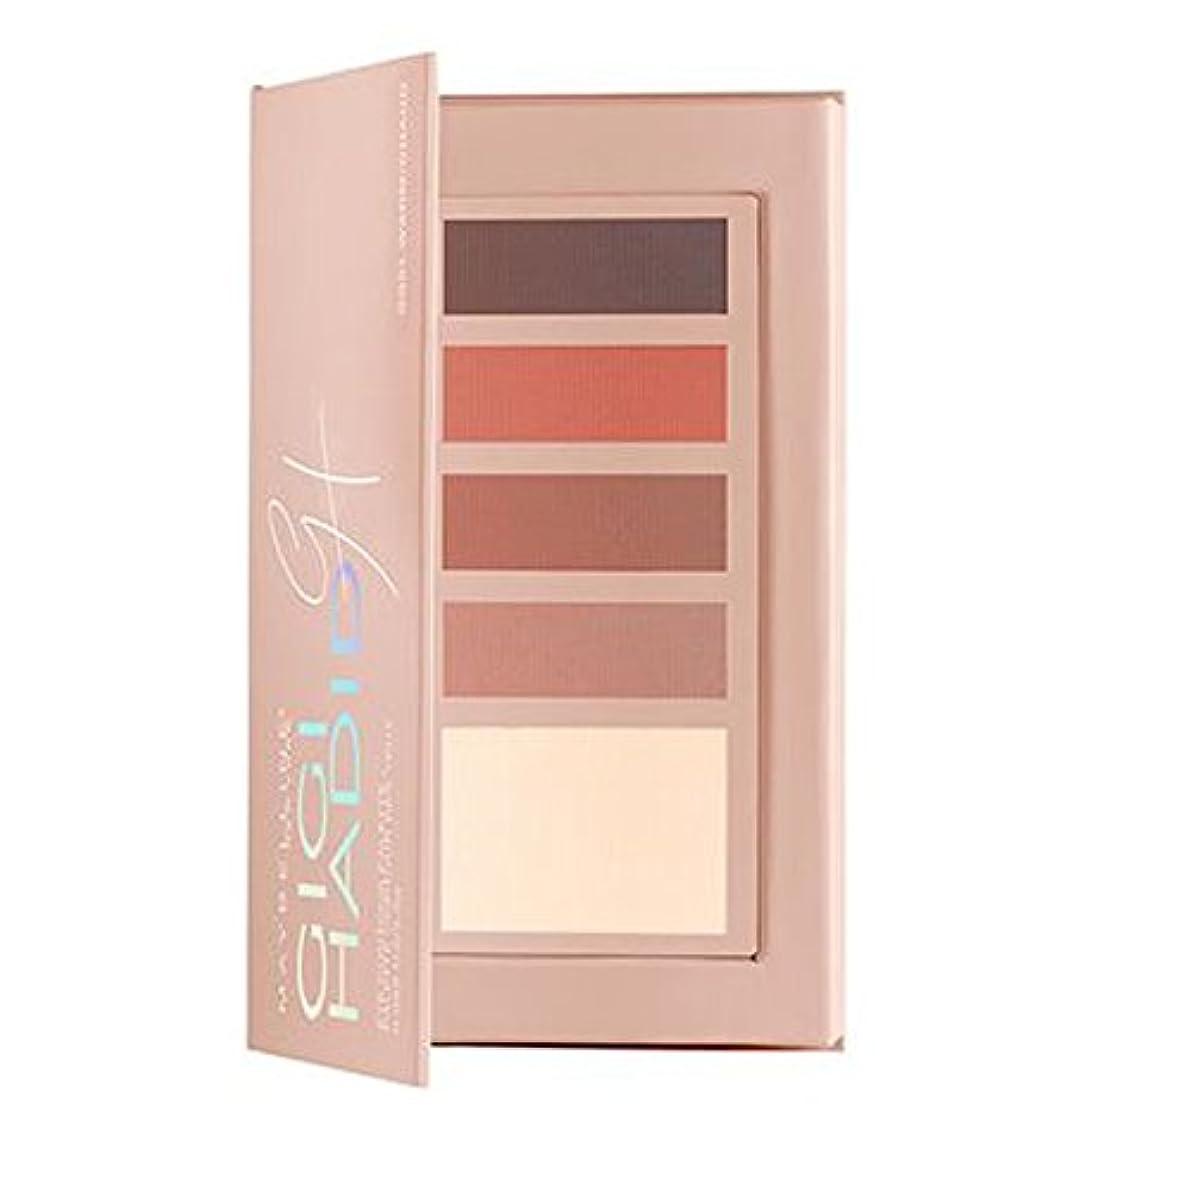 少しラバ宝石メイベリン Gigi Hadid Eye Contour palette - # GG01 Warm 2.5g/0.088oz並行輸入品